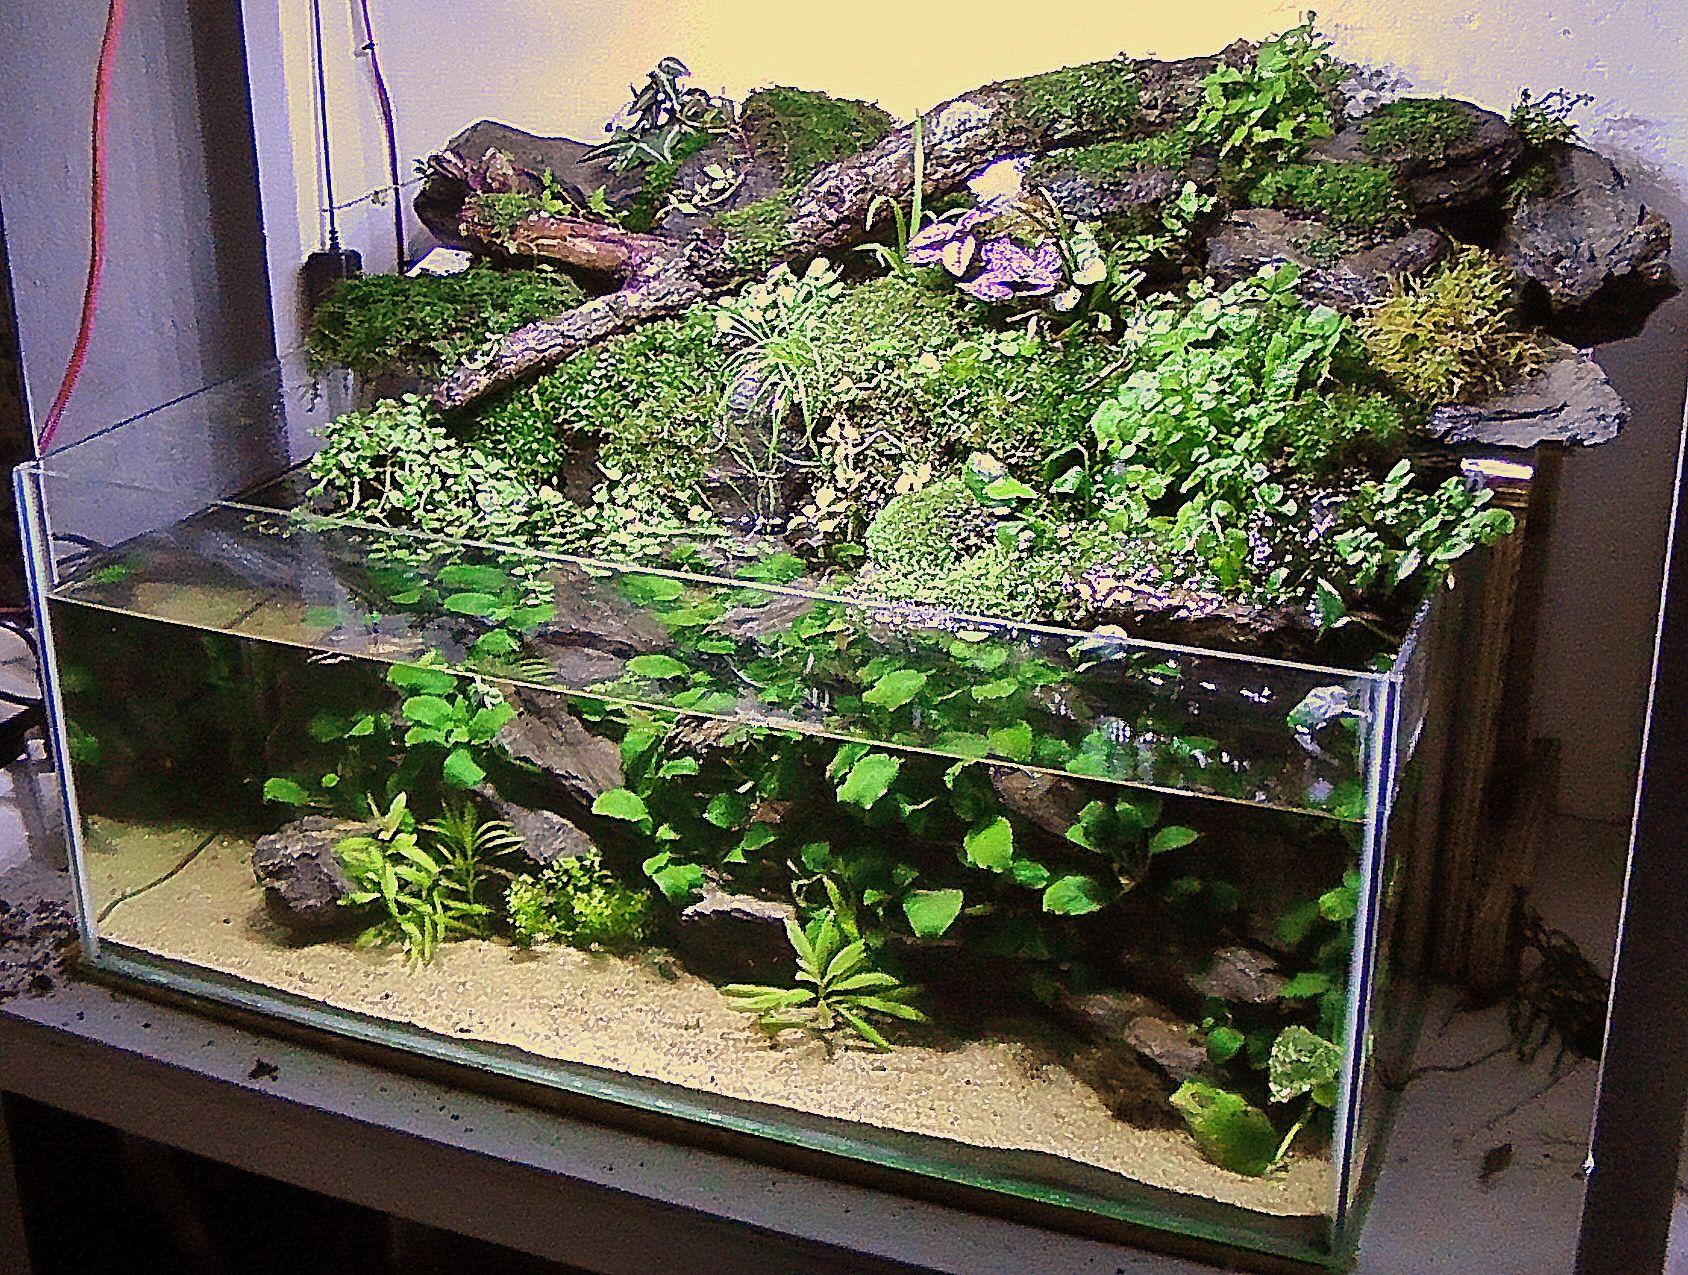 20 Gallon Rimless Mish Mash.paludarium - Planted Tank Forum Paludarium Water